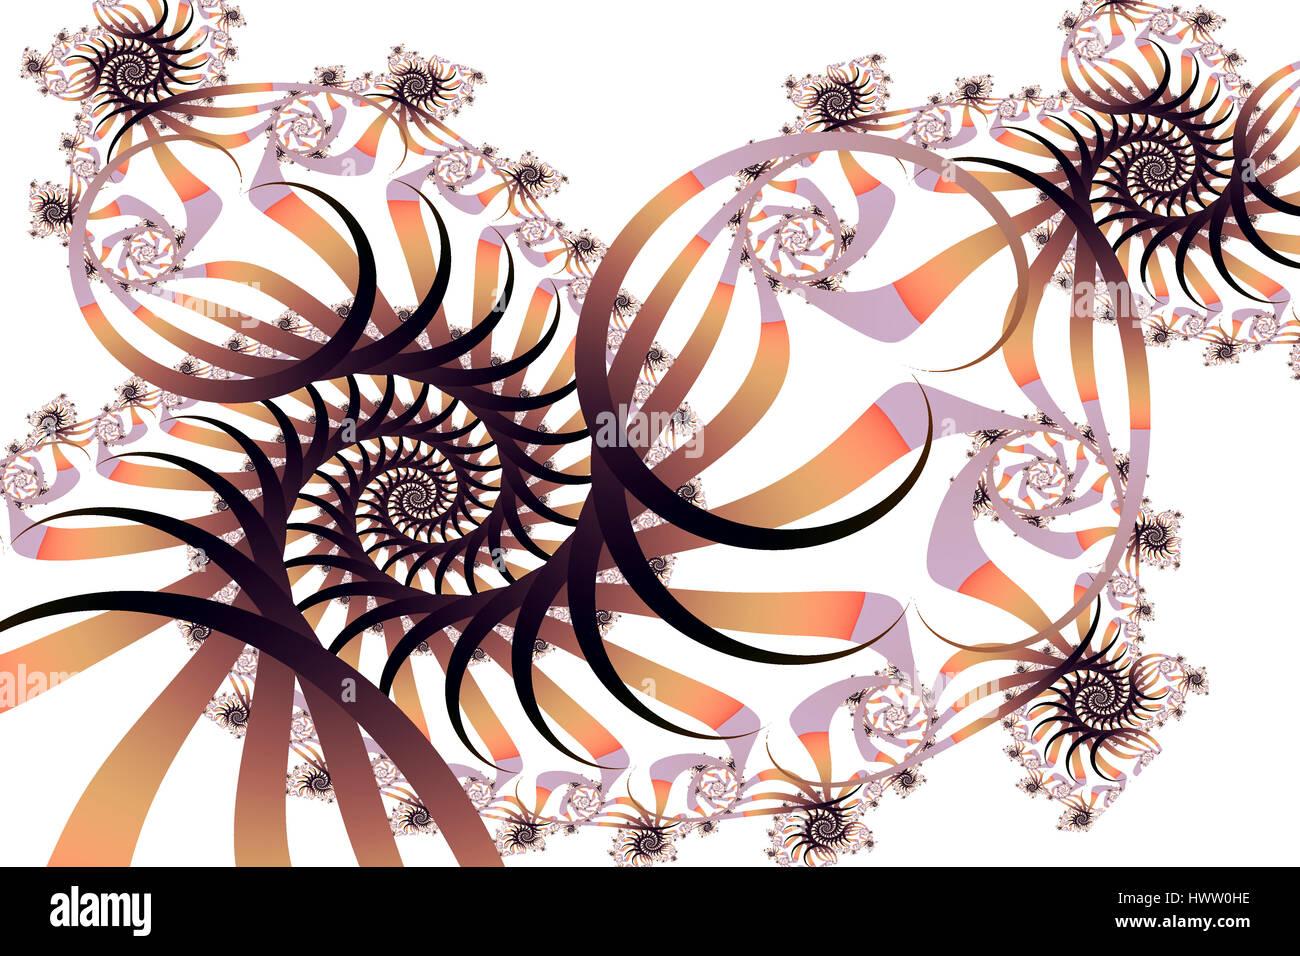 Fractal Spiral Pattern - Stock Image